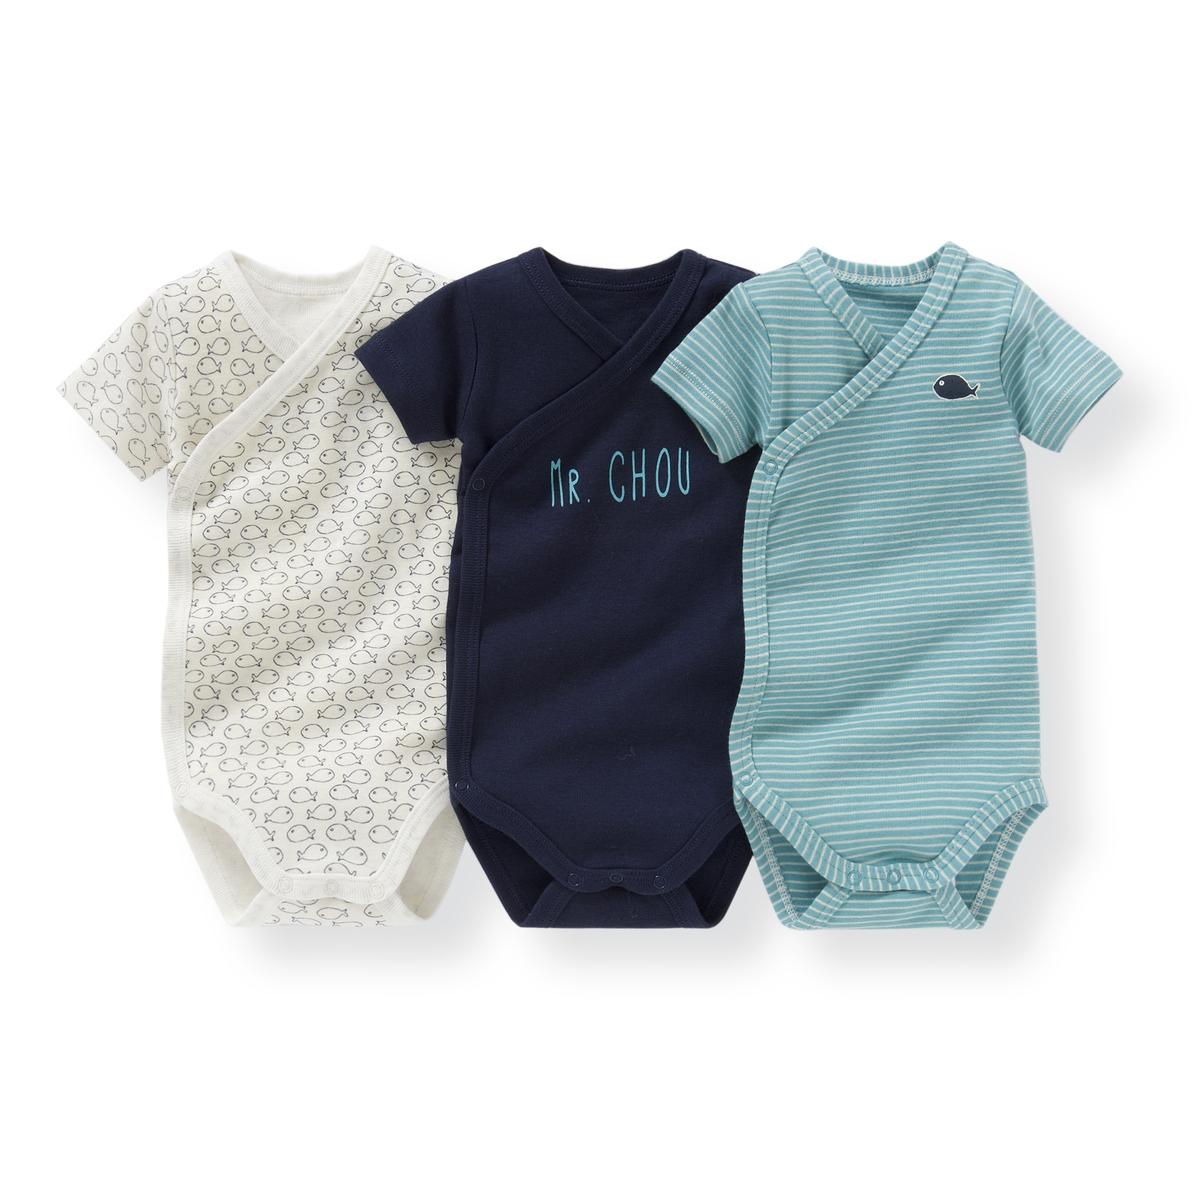 Комплект из хлопковых боди для малышейДетали  •  Рисунок-принт  •  Для новорожденных •  Короткие рукава •  ХлопокСостав и уход  •  100% хлопок •  Температура стирки 40° •  Сухая чистка и отбеливание запрещены   •  Машинная сушка на деликатном режиме •  Низкая температура глажки<br><br>Цвет: Синий + синий рисунок + синяя полоска<br>Размер: 3 мес. - 60 см.1 мес. - 54 см.18 мес. - 81 см.6 мес. - 67 см.3 года - 94 см.2 года - 86 см.1 год - 74 см.9 мес. - 71 см.0 мес. - 50 см